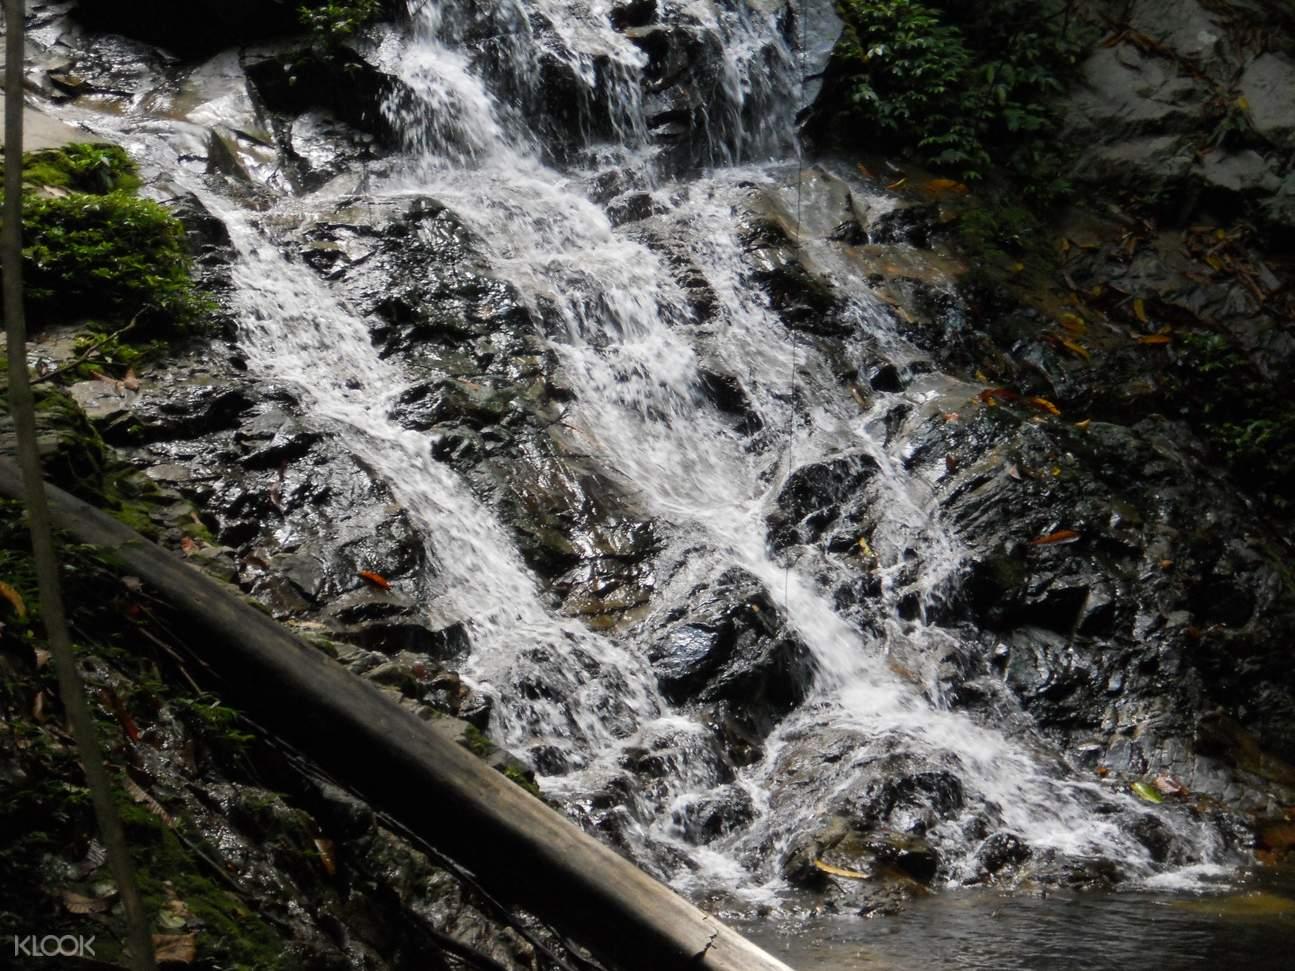 Belum Temenggor Nam Waterfall